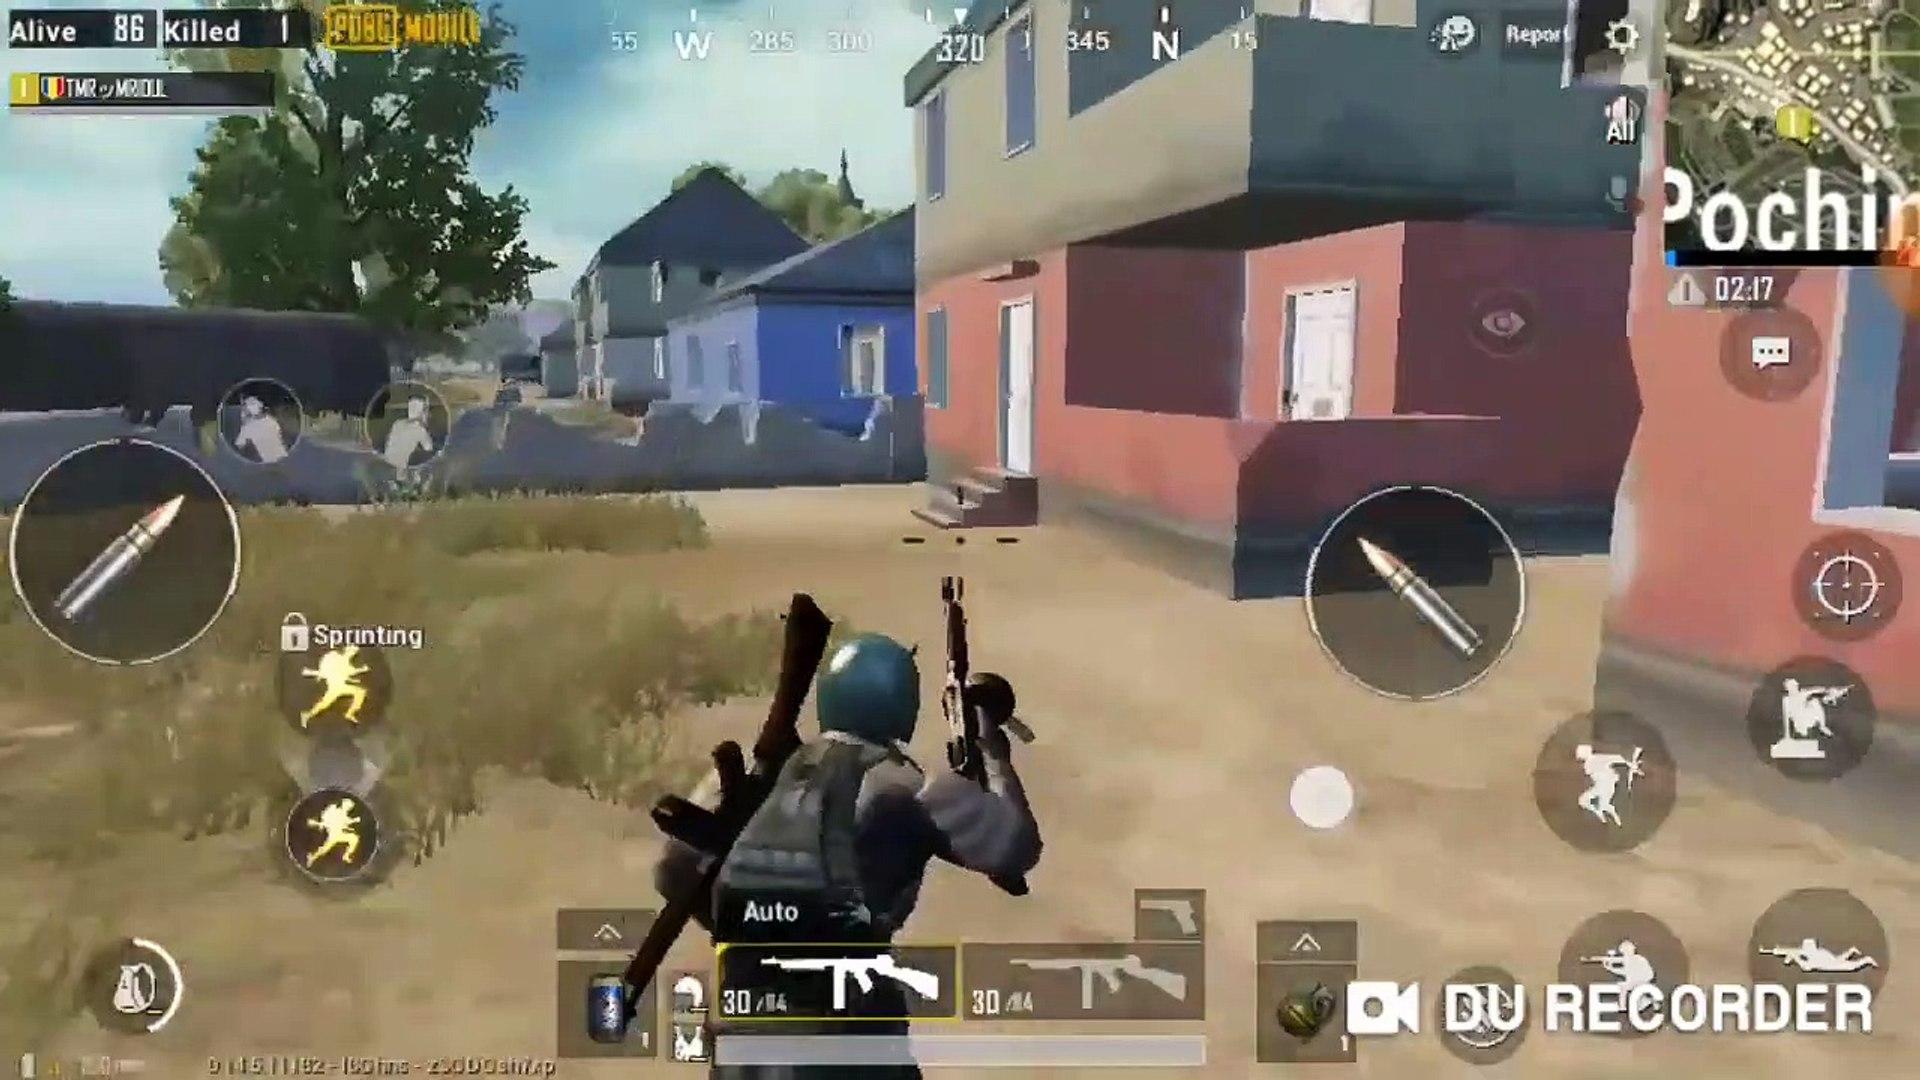 PUBG Full Gameplay by AK Erangel kills 34! WORLD RECORD In PUBG by AK